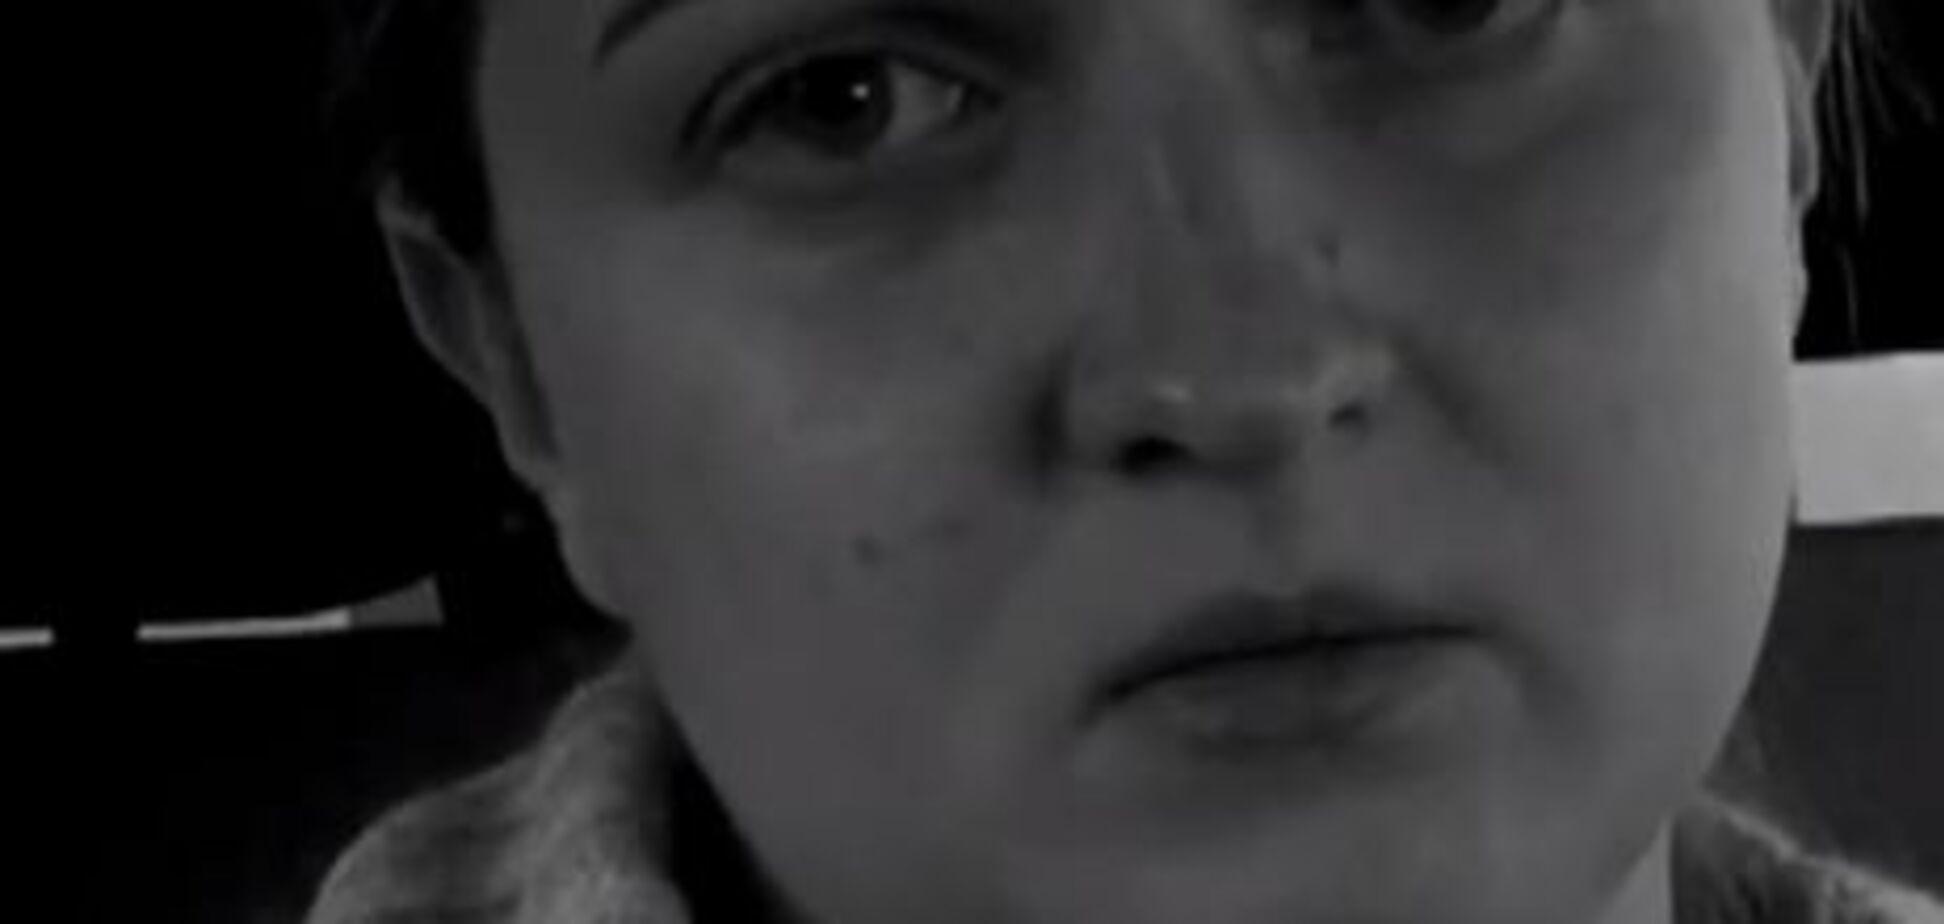 Задержание убийцы полковника СБУ: журналист указал на нестыковку